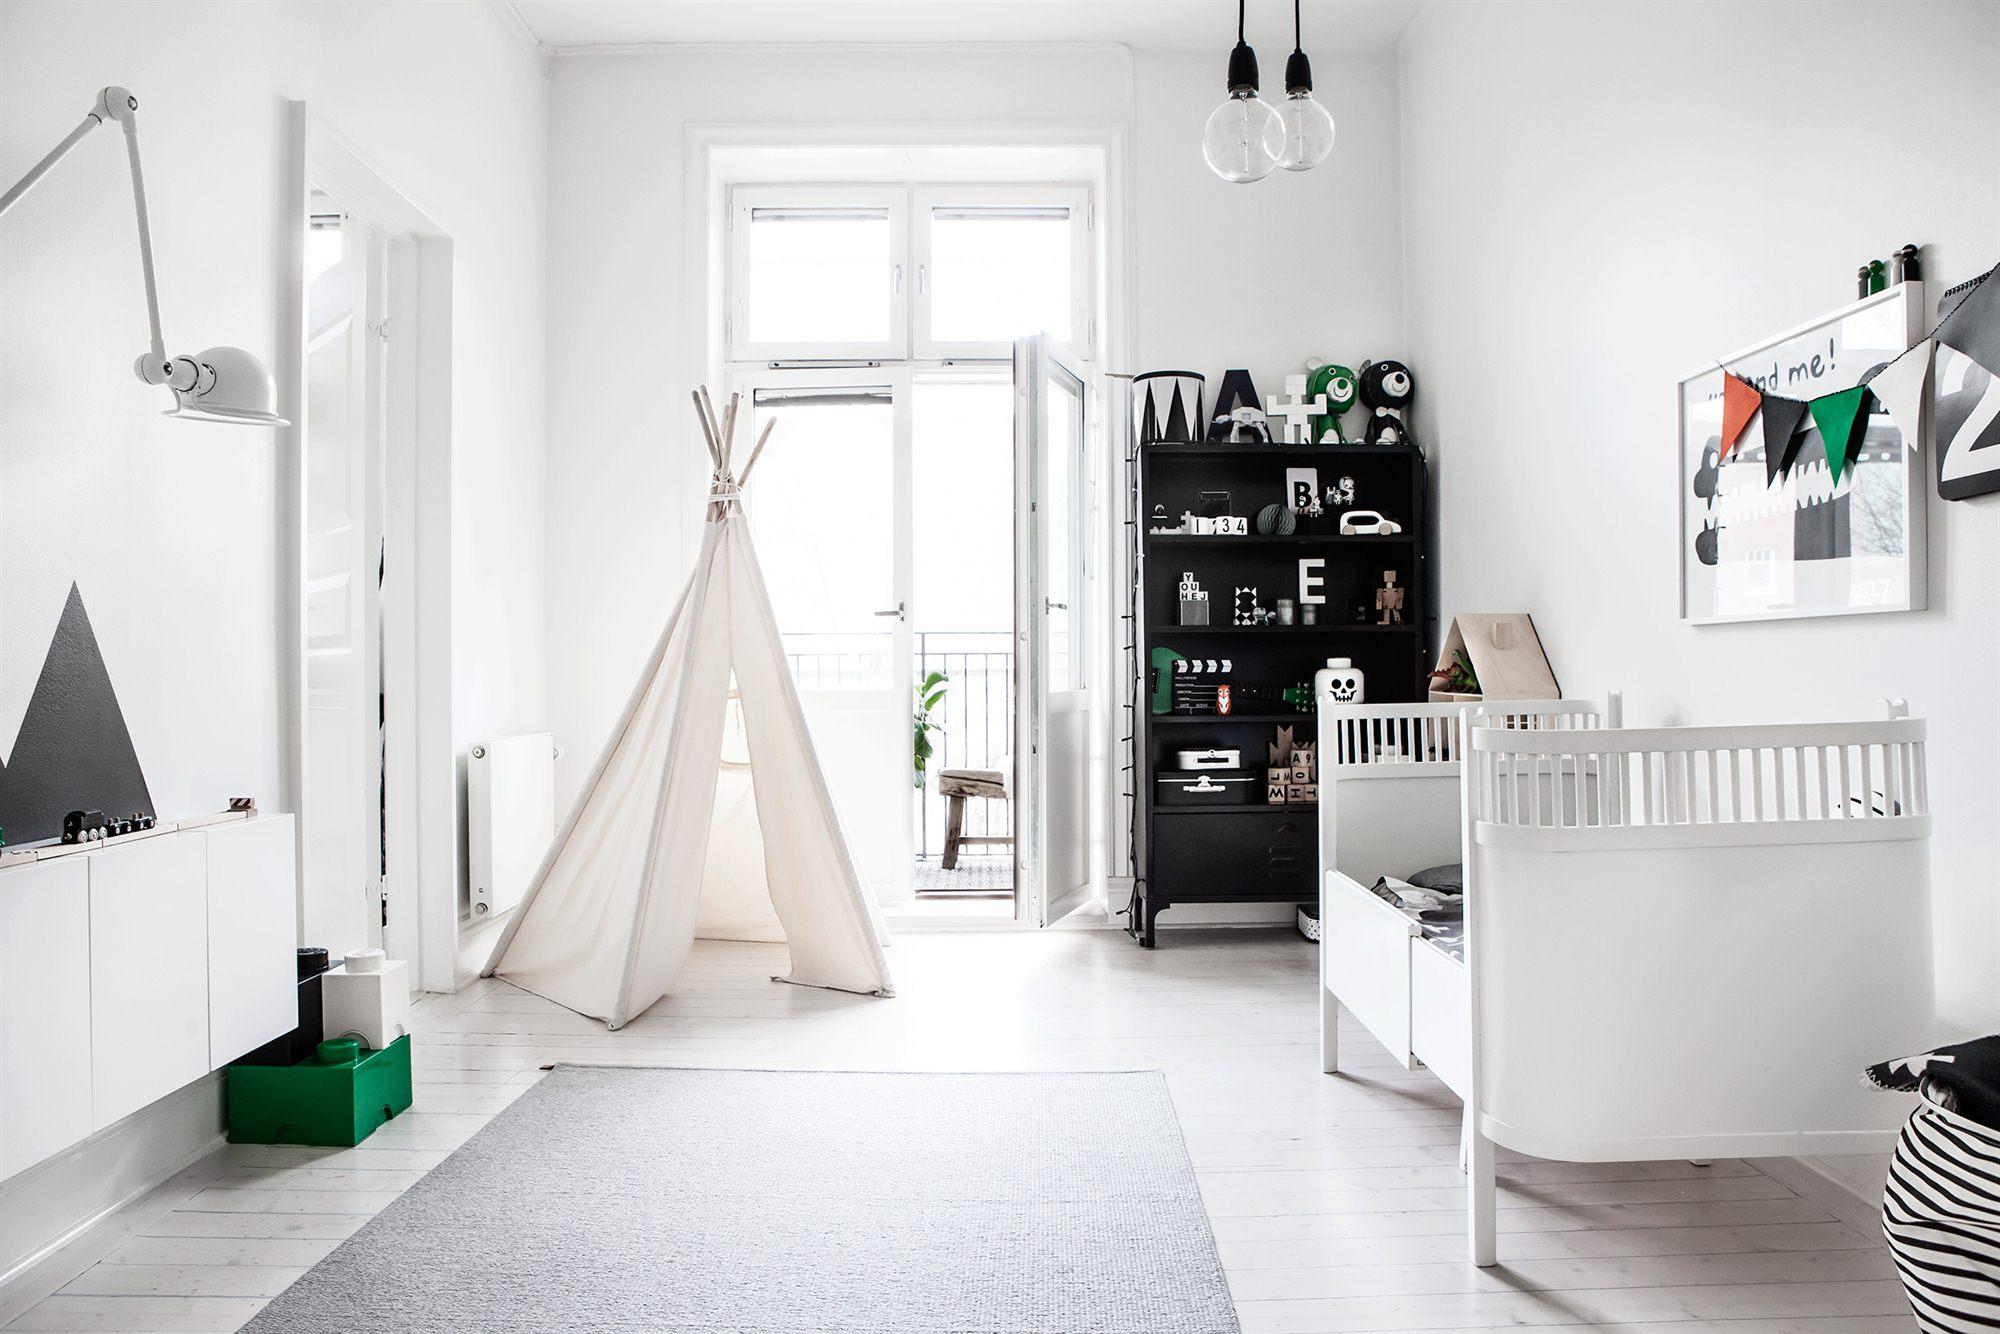 Scandinavisch Design Schommelstoel.Kinderkamer Met Scandinavisch Design Interieur Inrichting